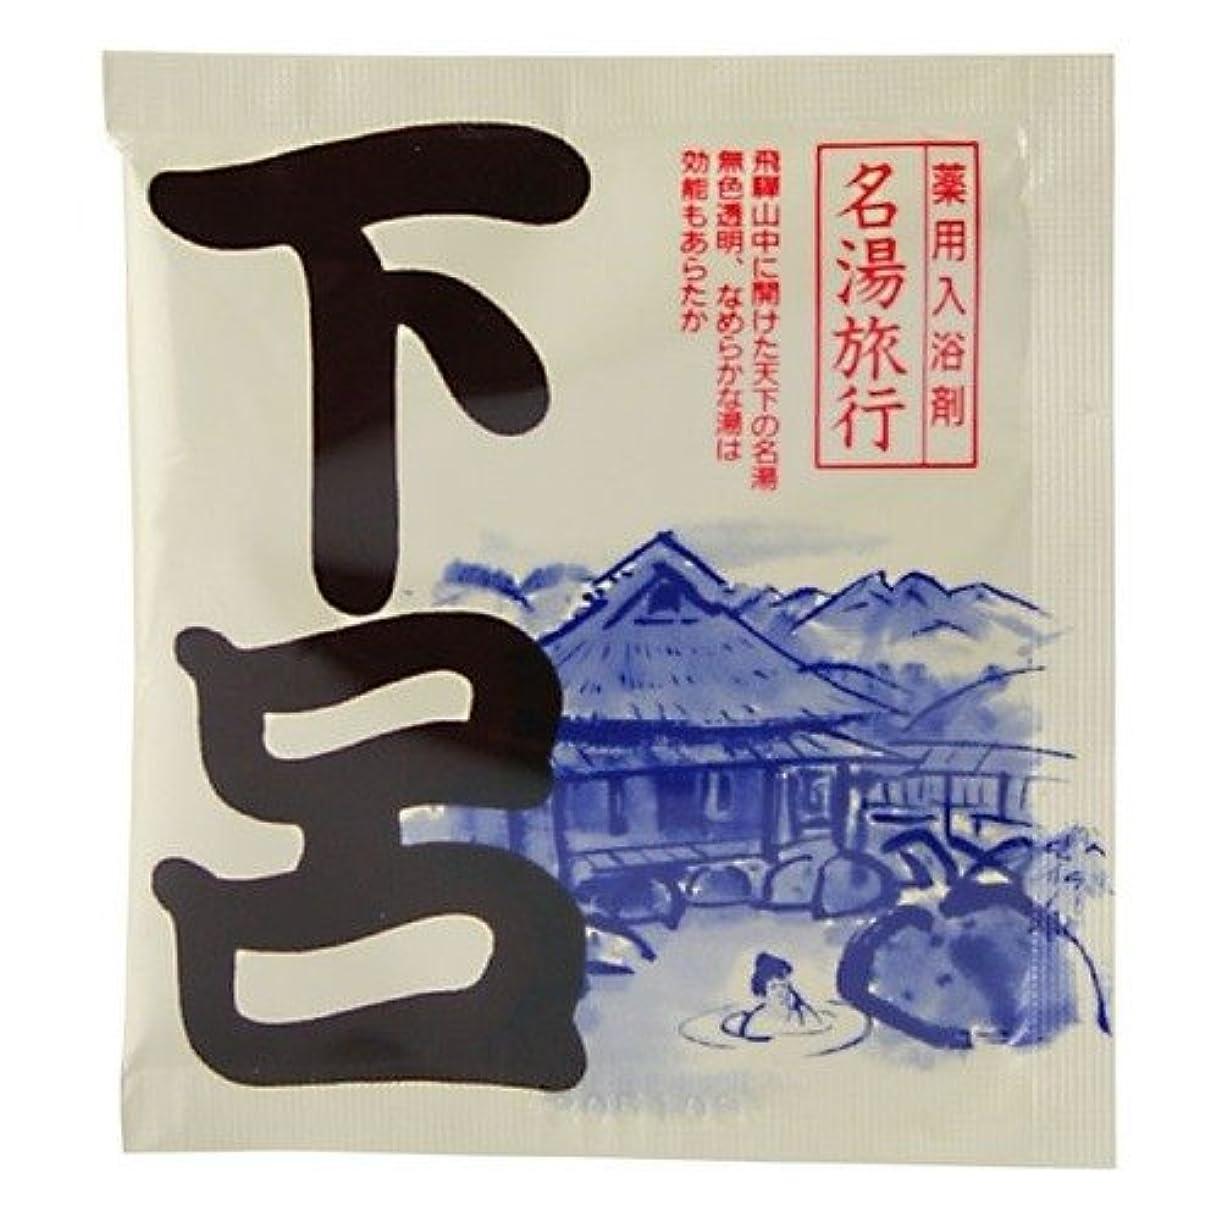 五洲薬品 名湯旅行 下呂 25g 4987332126751